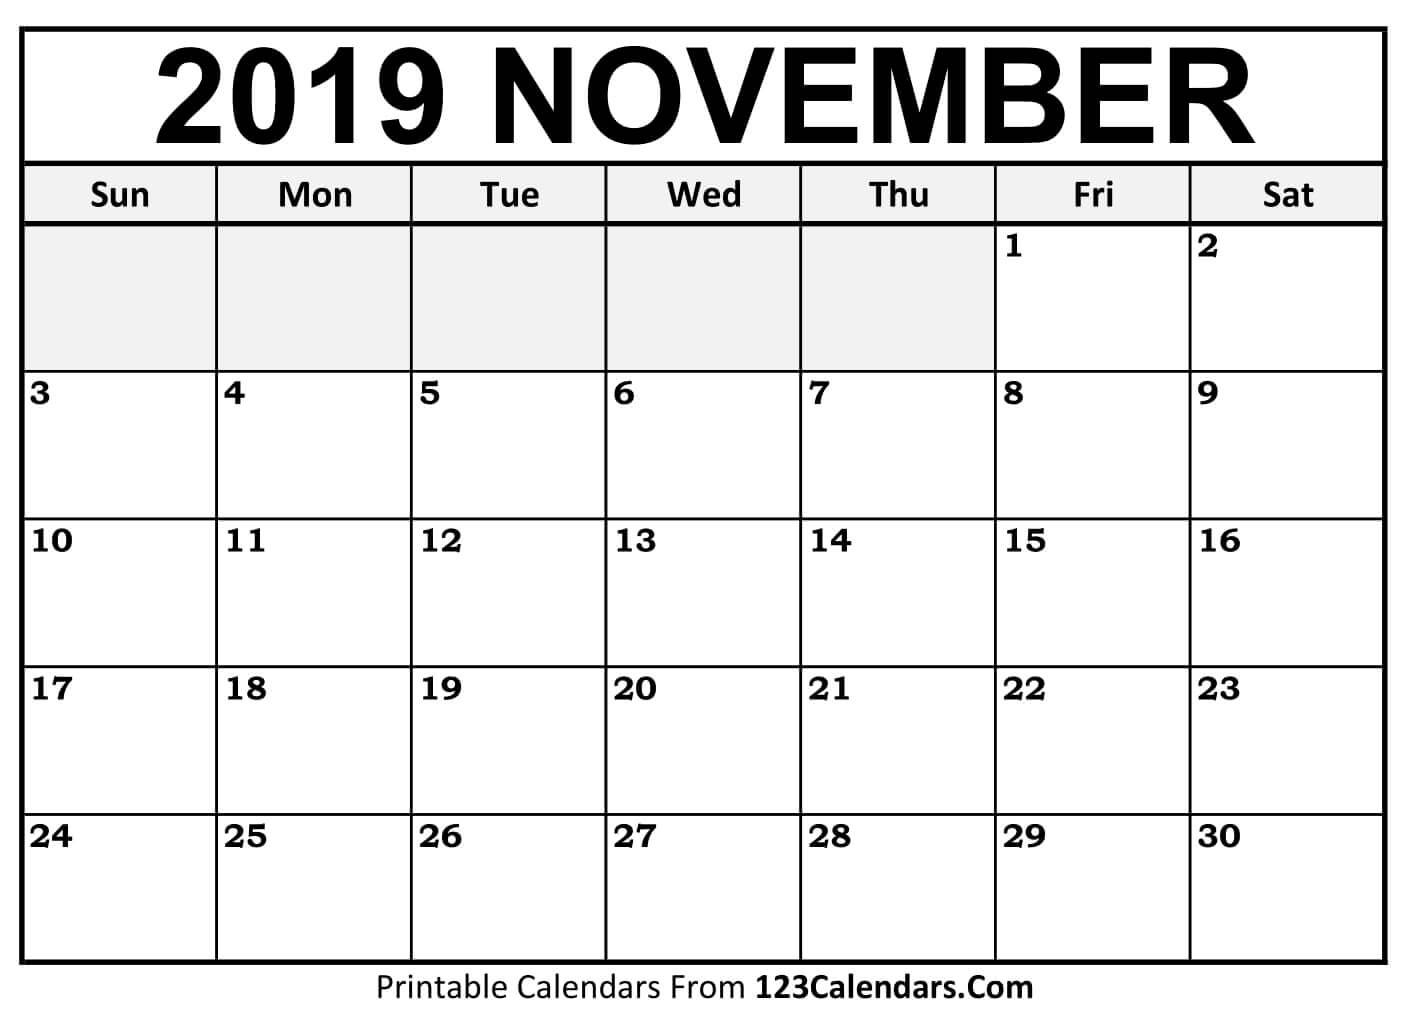 Printable November 2019 Calendar Templates - 123Calendars Calendar 2019 November